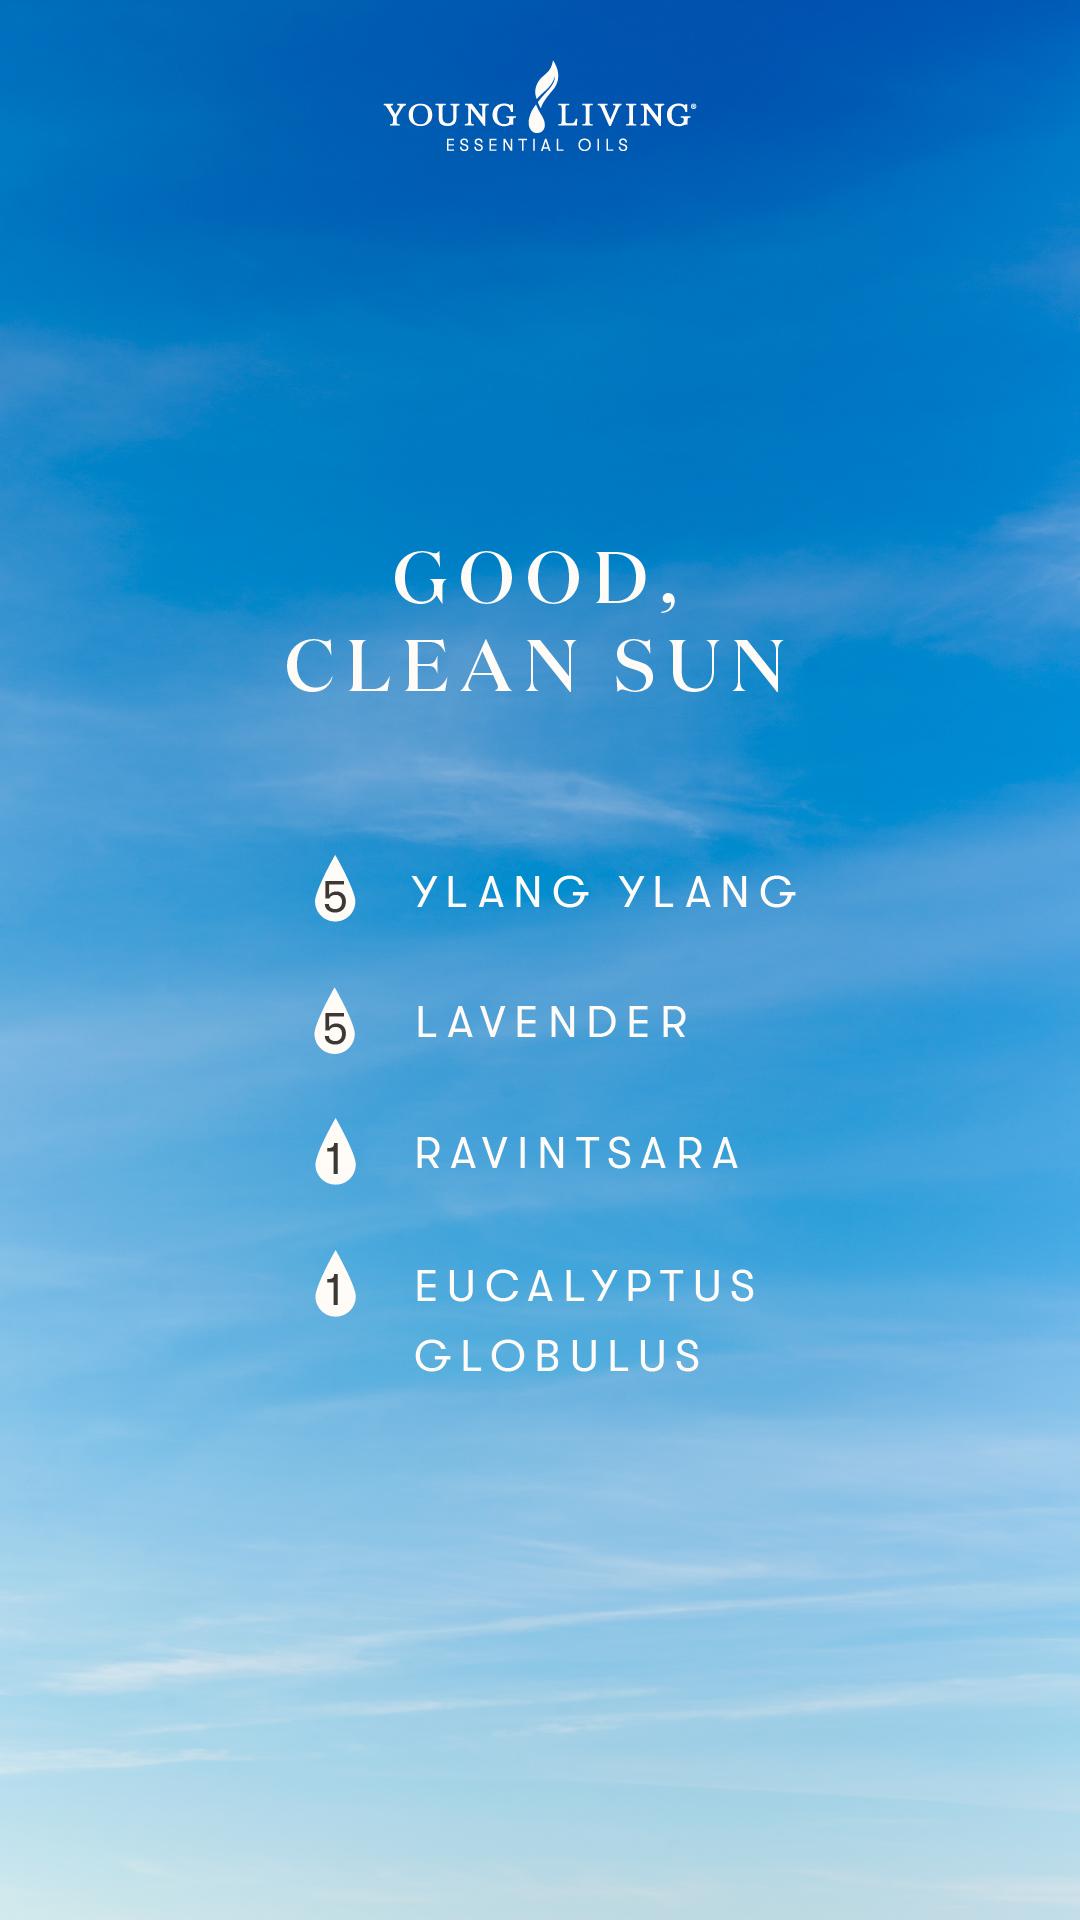 Good clean sun diffuser blend